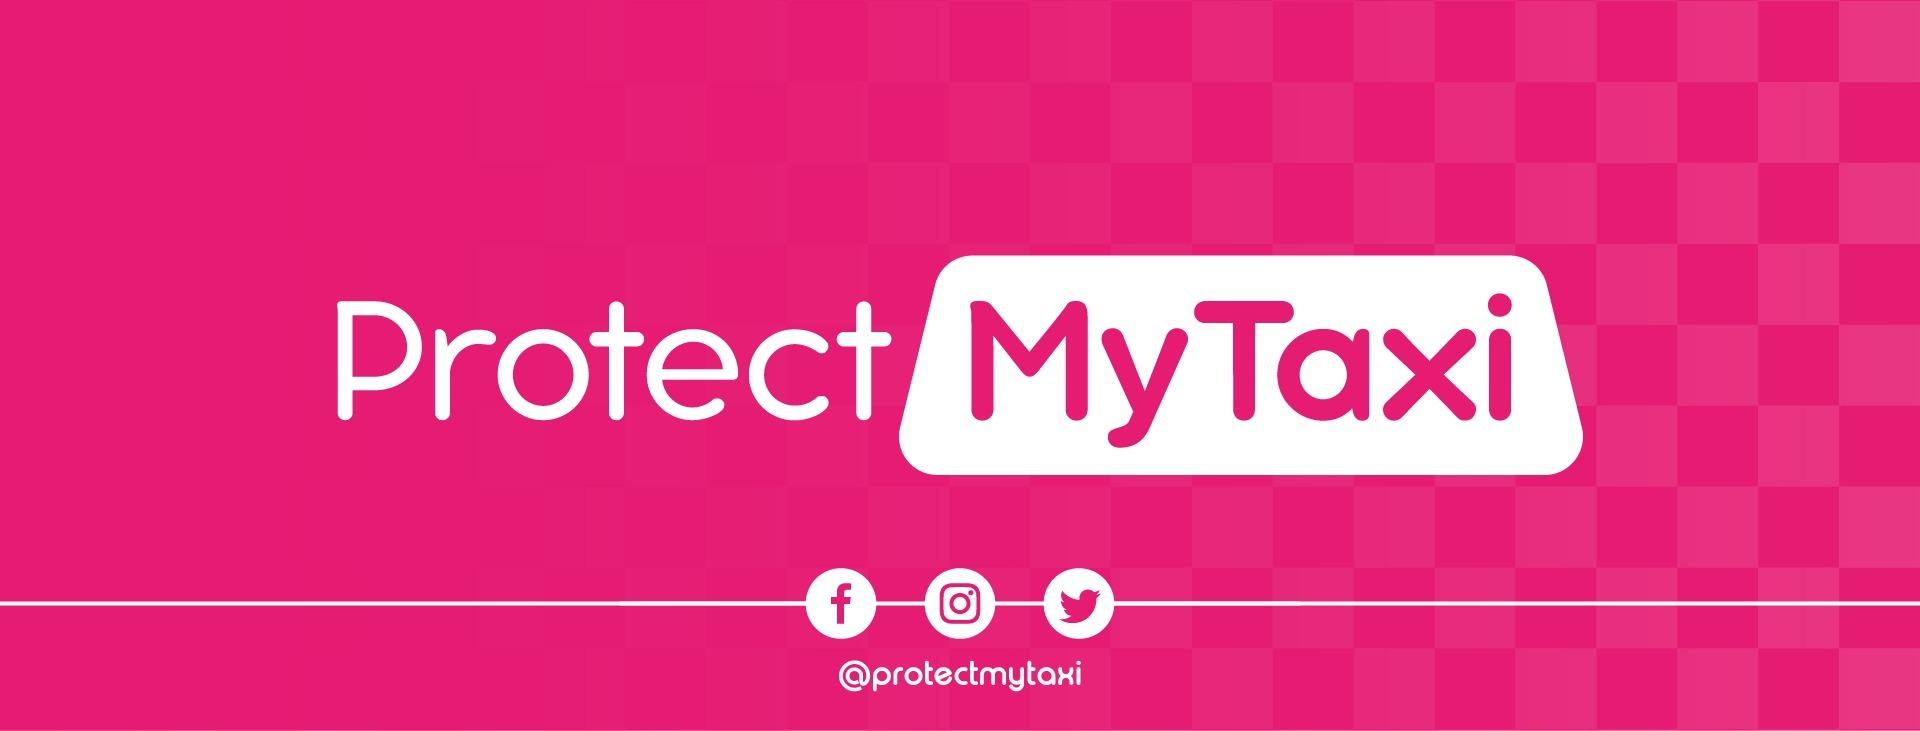 Pro (@protectmytaxi) Cover Image